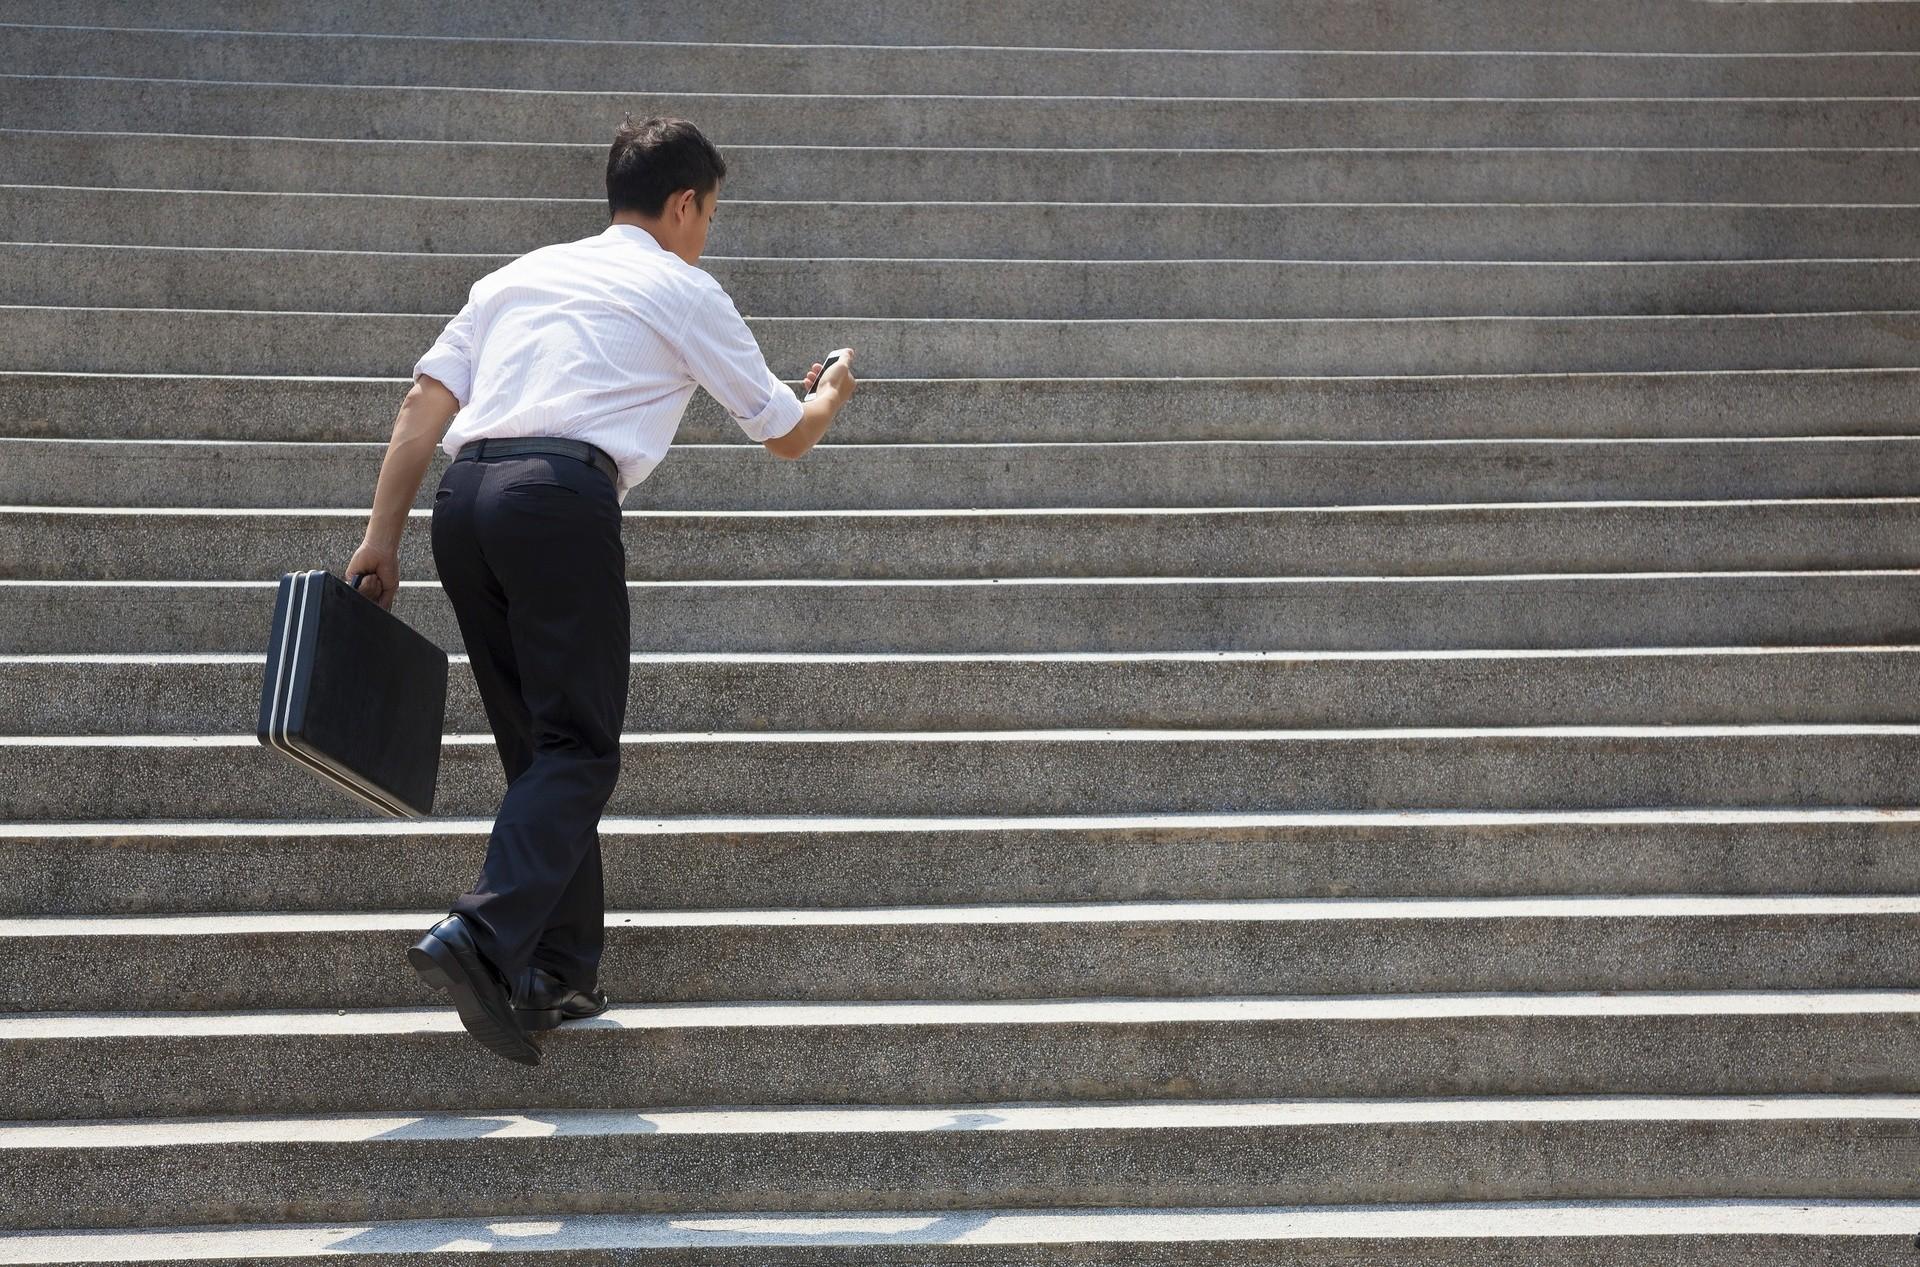 Ćwiczenia na orbitreku – 8 wskazówek dla początkujących